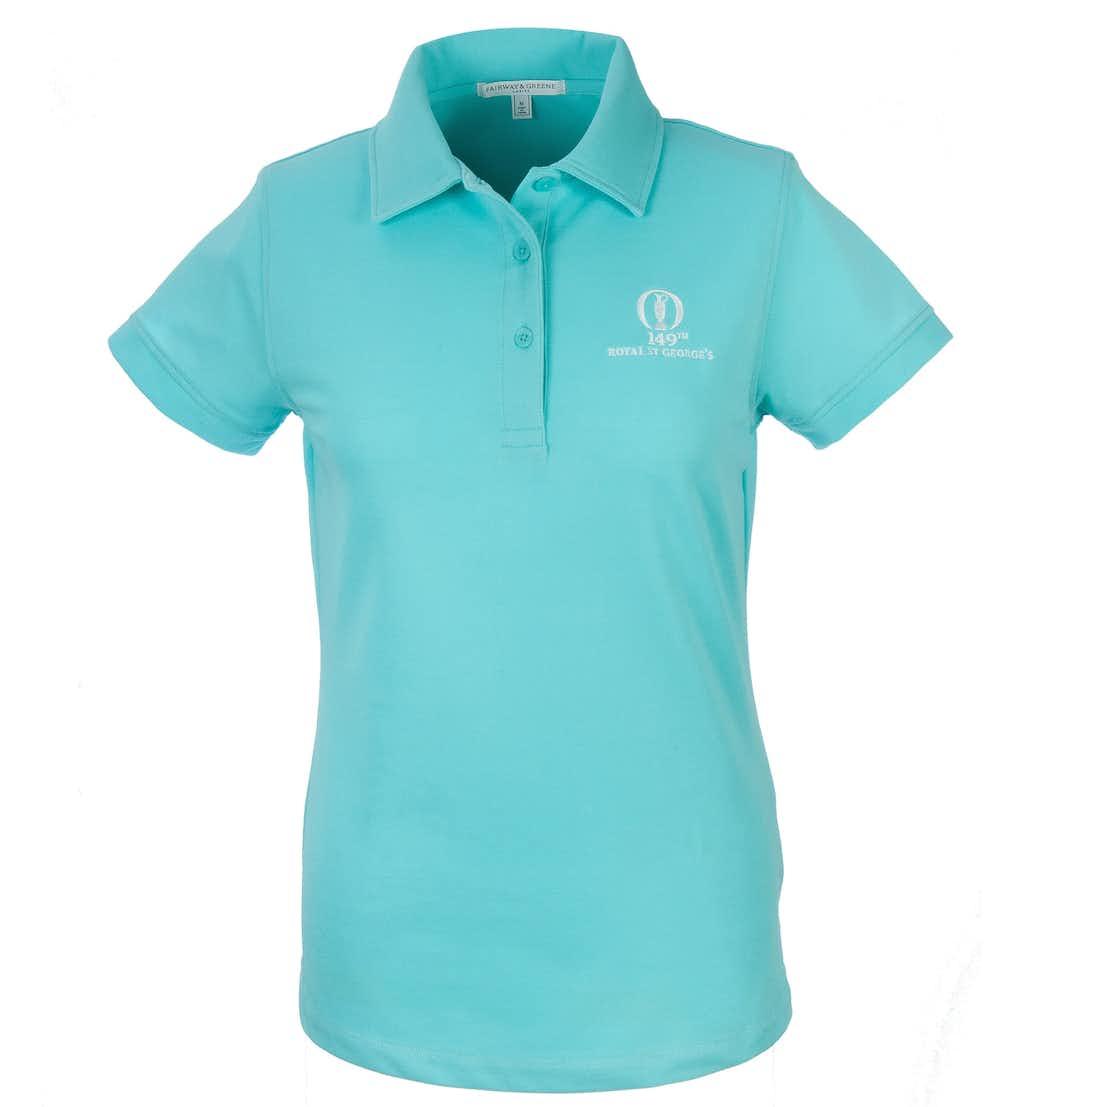 149th Royal St George's Fairway & Greene Plain Polo - Blue